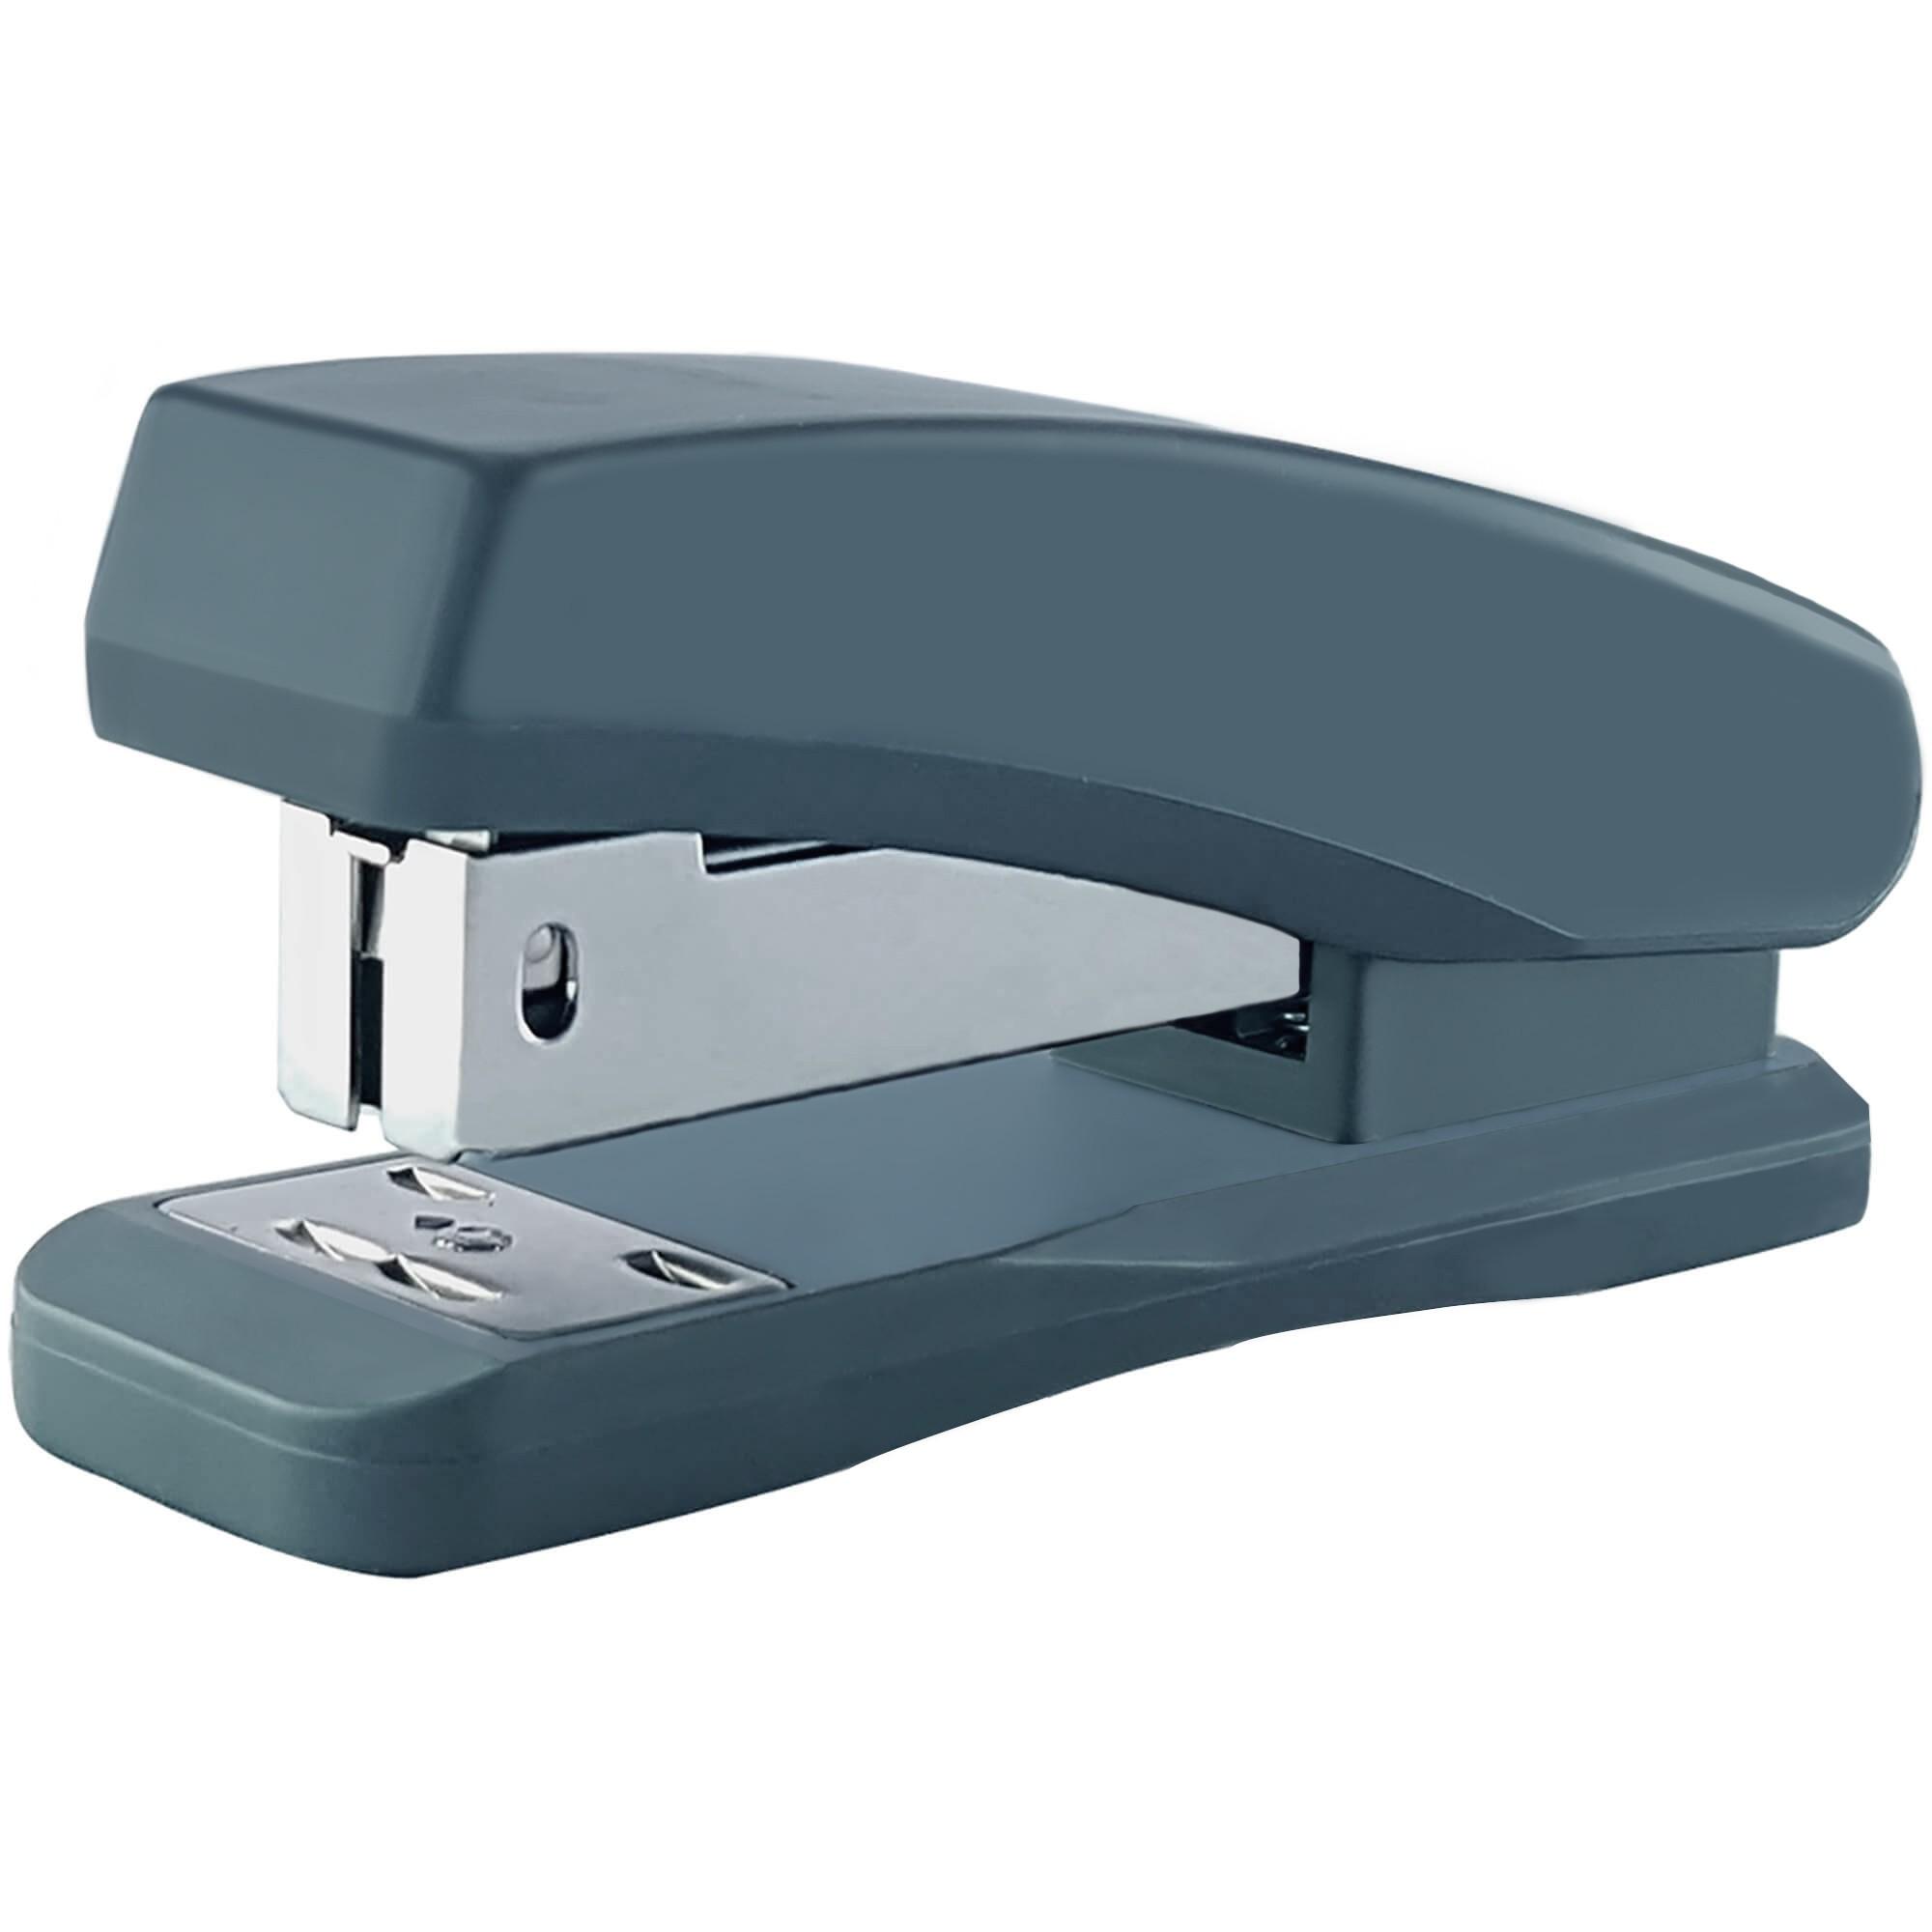 Grampeador de Plastico para 20 folhas TS-613 - Cis